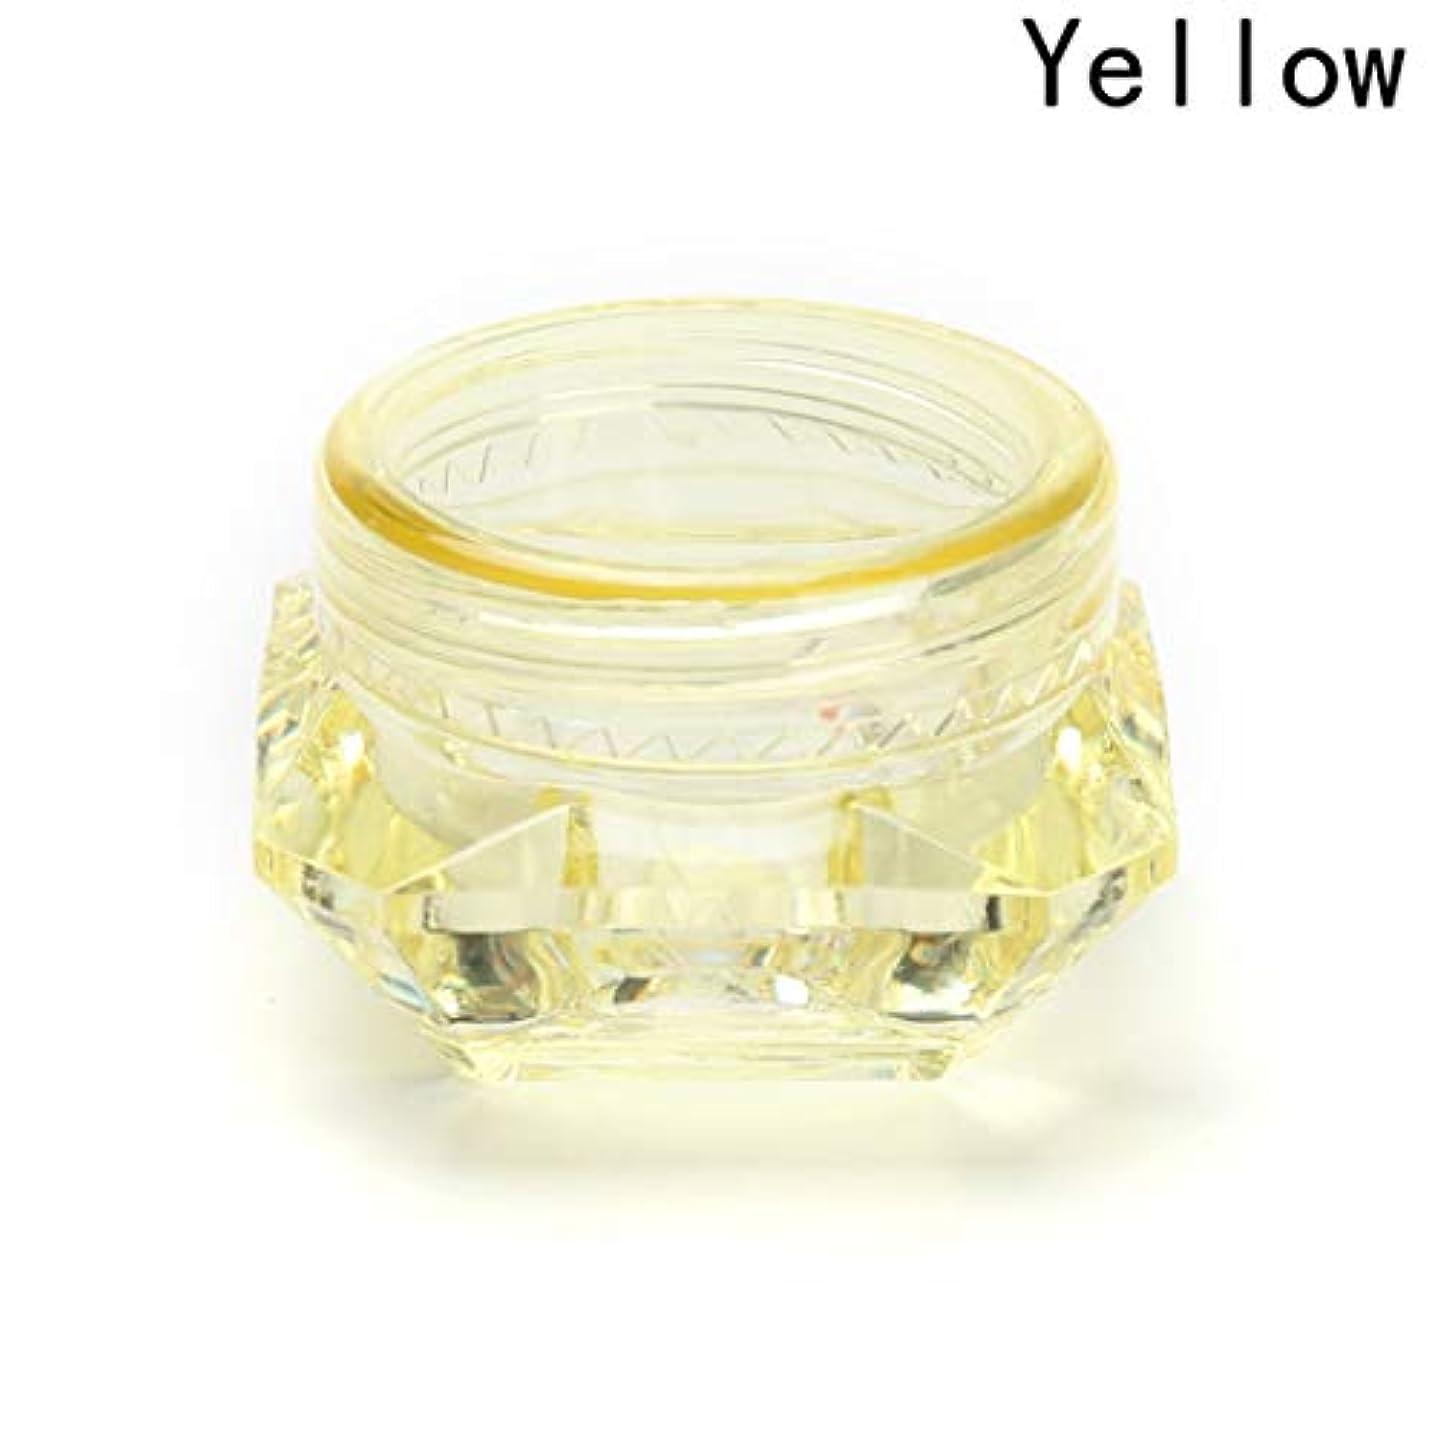 適用する検体防腐剤Yoshilimen 化粧品空き瓶ポットアイシャドーメイクアップ顔クリーム容器5グラムトライアルパック小サンプルボックスセット(None 5)